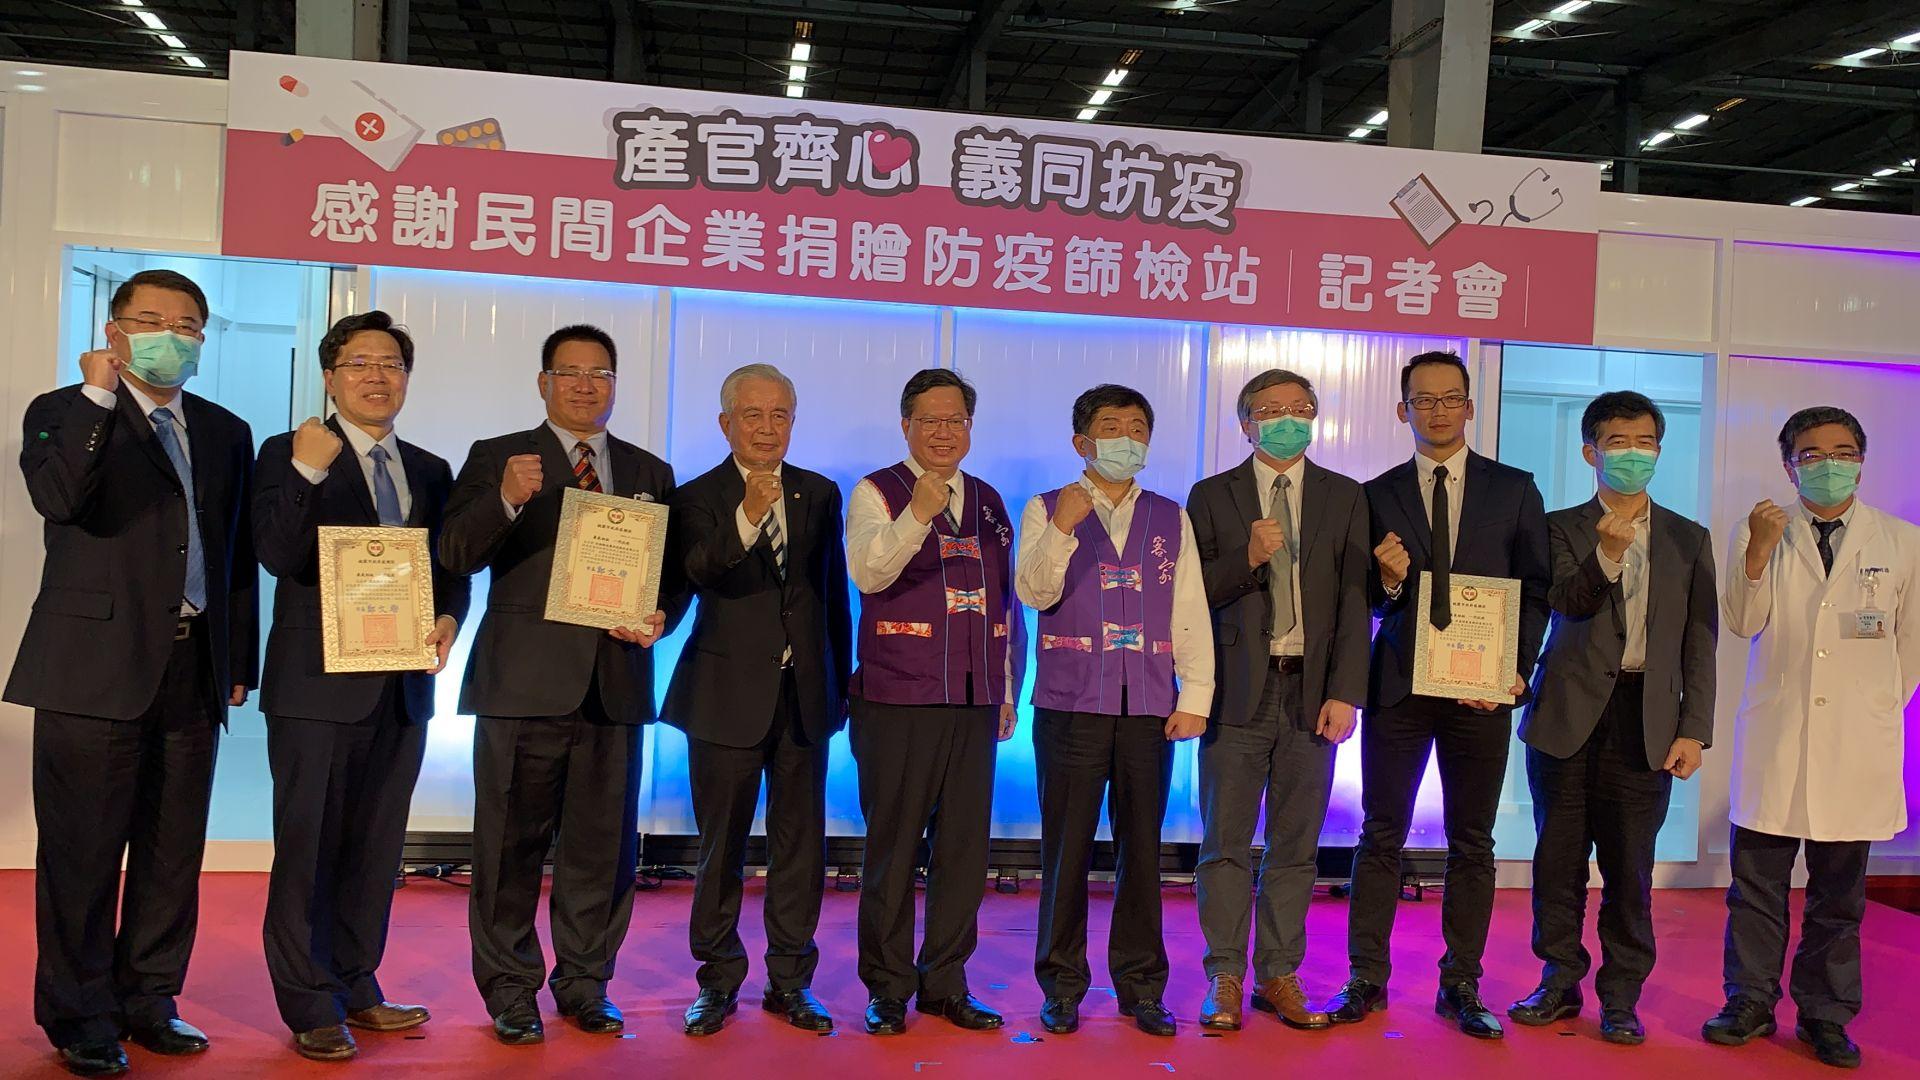 感謝台灣超強防疫團隊!啟翔、濾能、伊莫諾攜手交大EMBA同學 研發並捐贈組合式隔離負壓篩檢中心